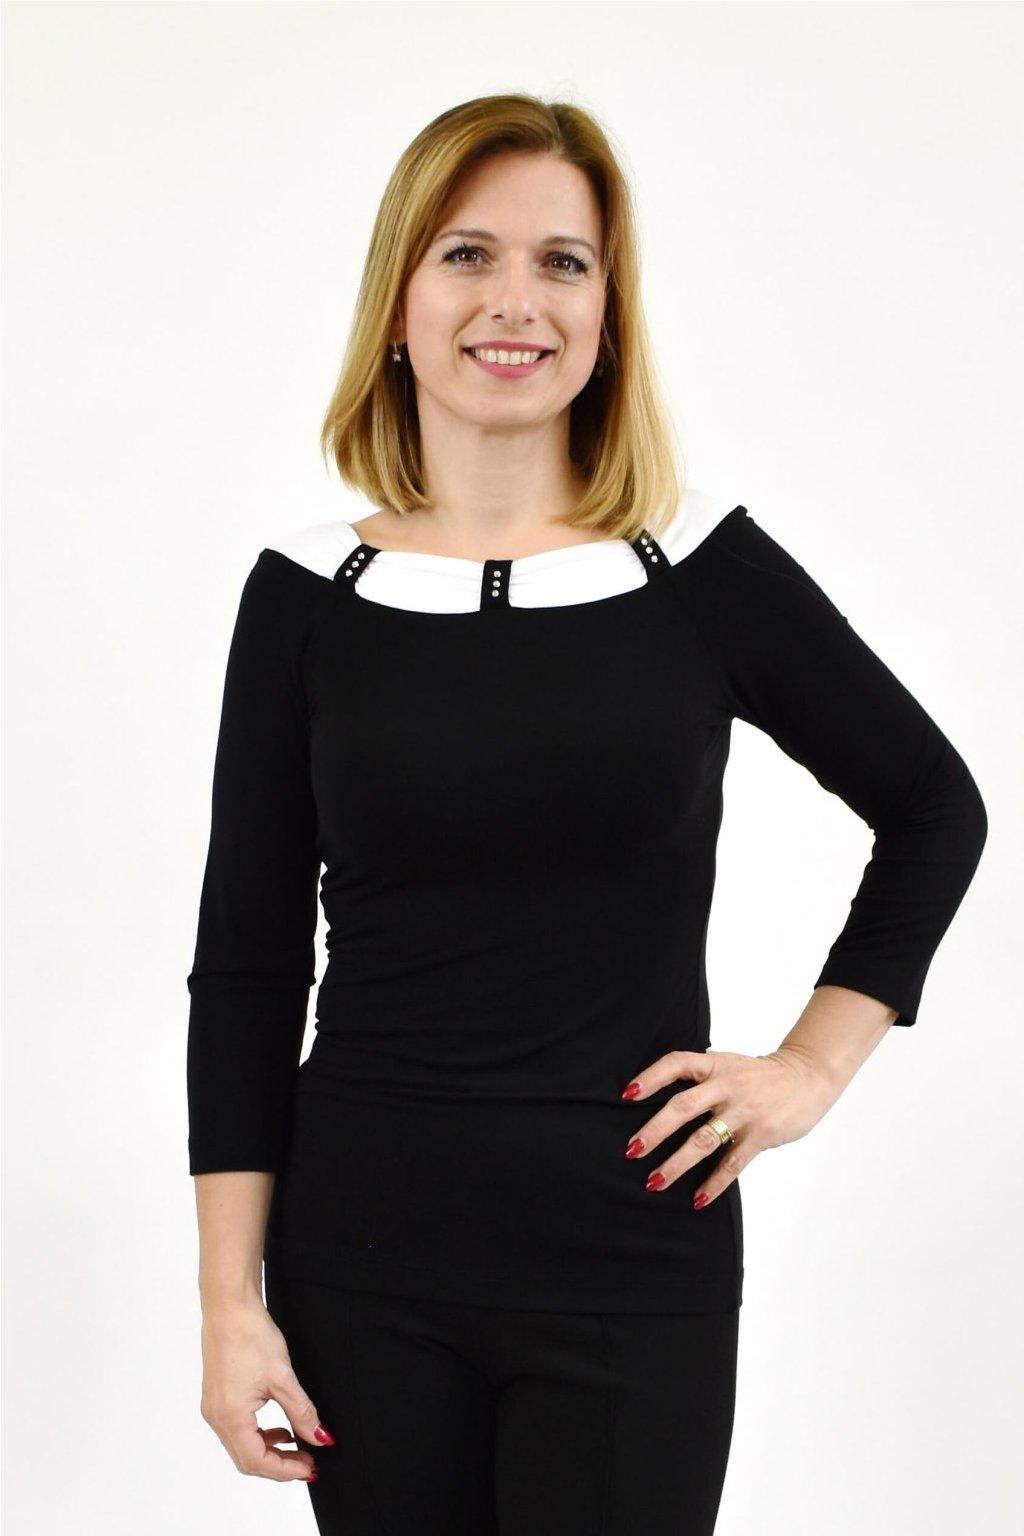 čierno-biele-tričlo-favab.sk.jpg